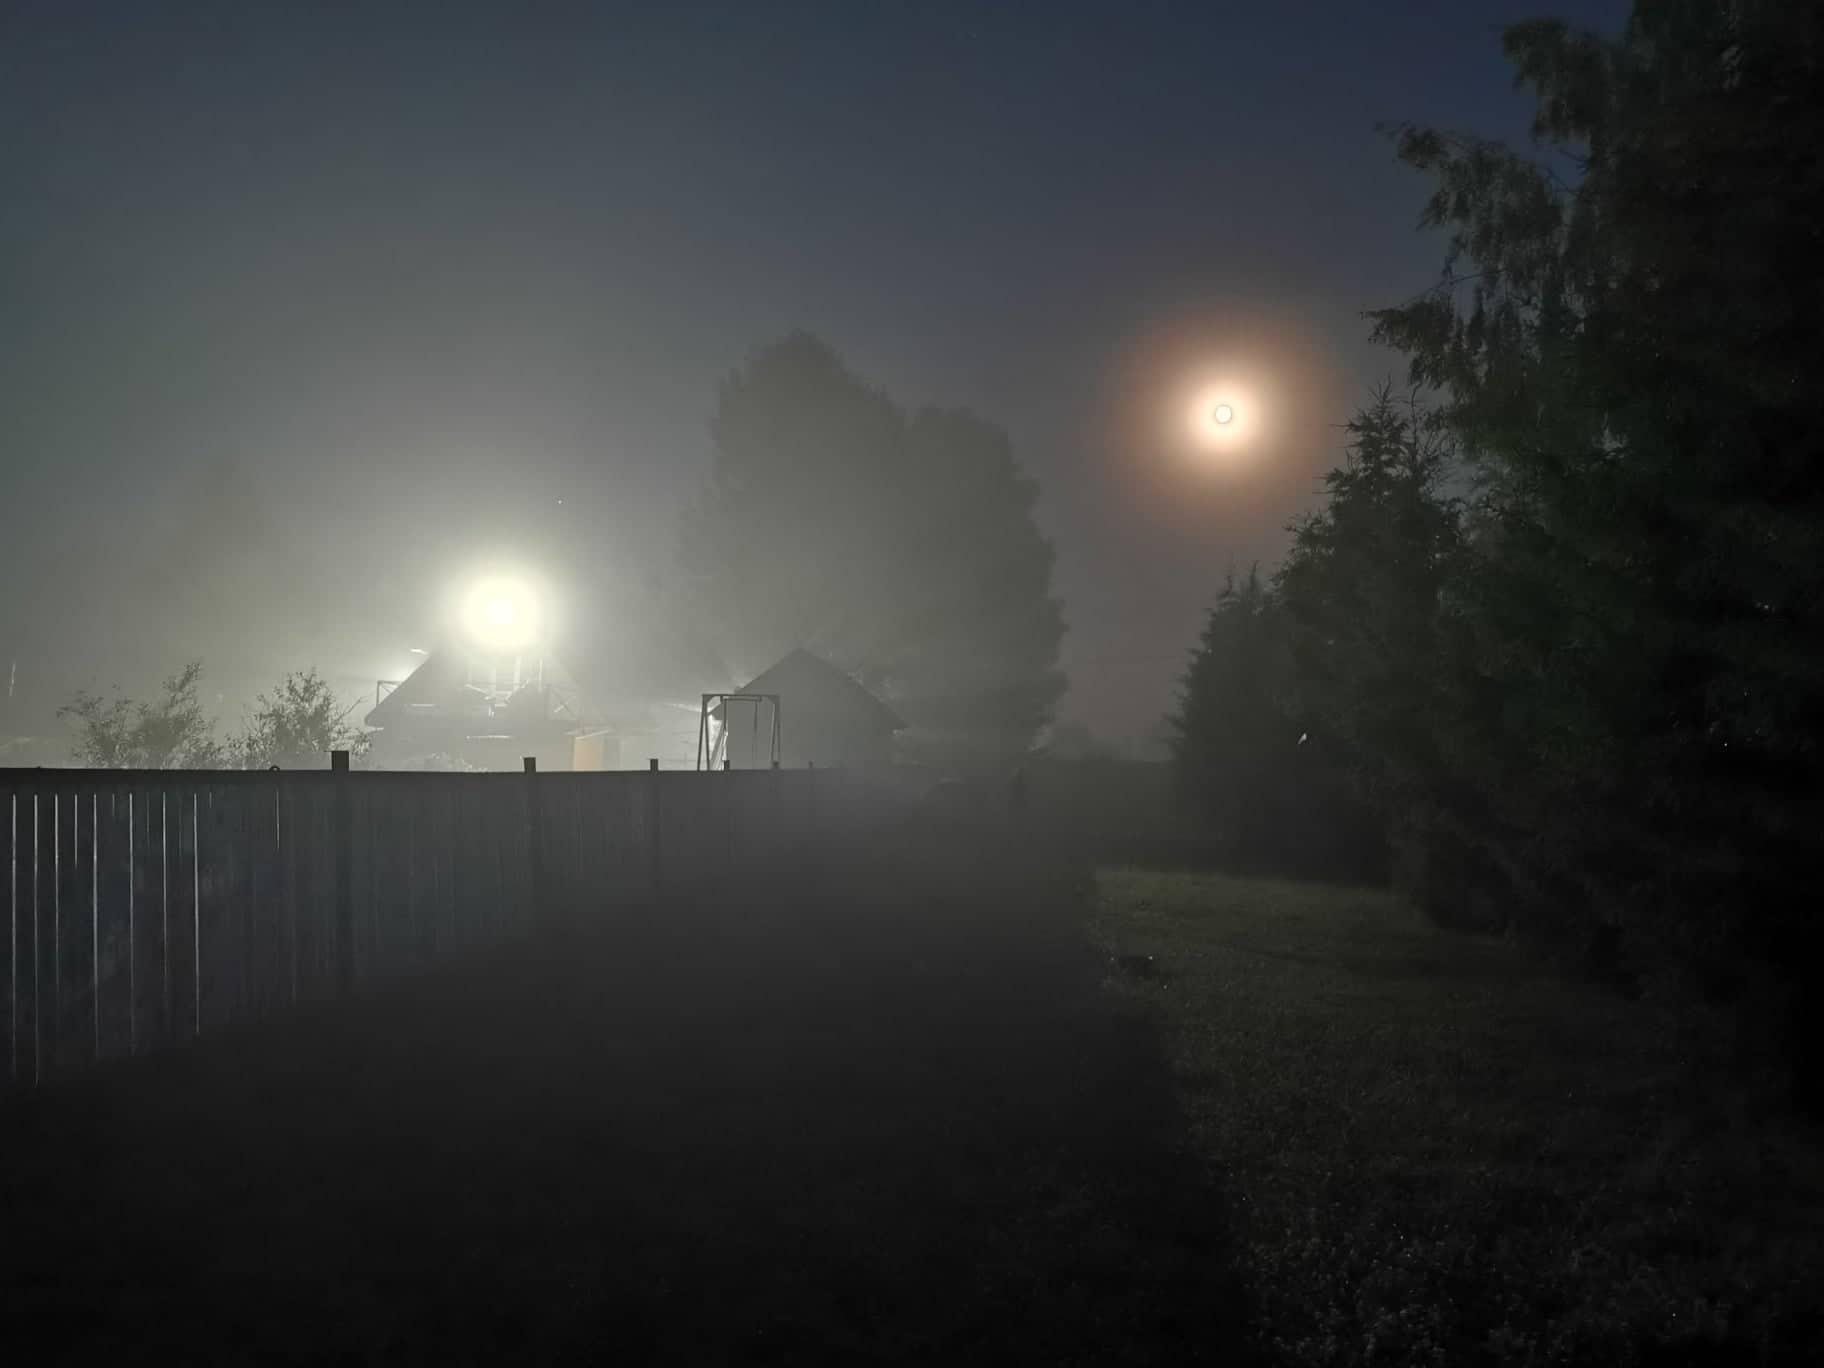 Дмитрий Соколов убеждён, что лампочки исправны. Света нет, потому что нет договора с электросетевой компанией МРСК Центра